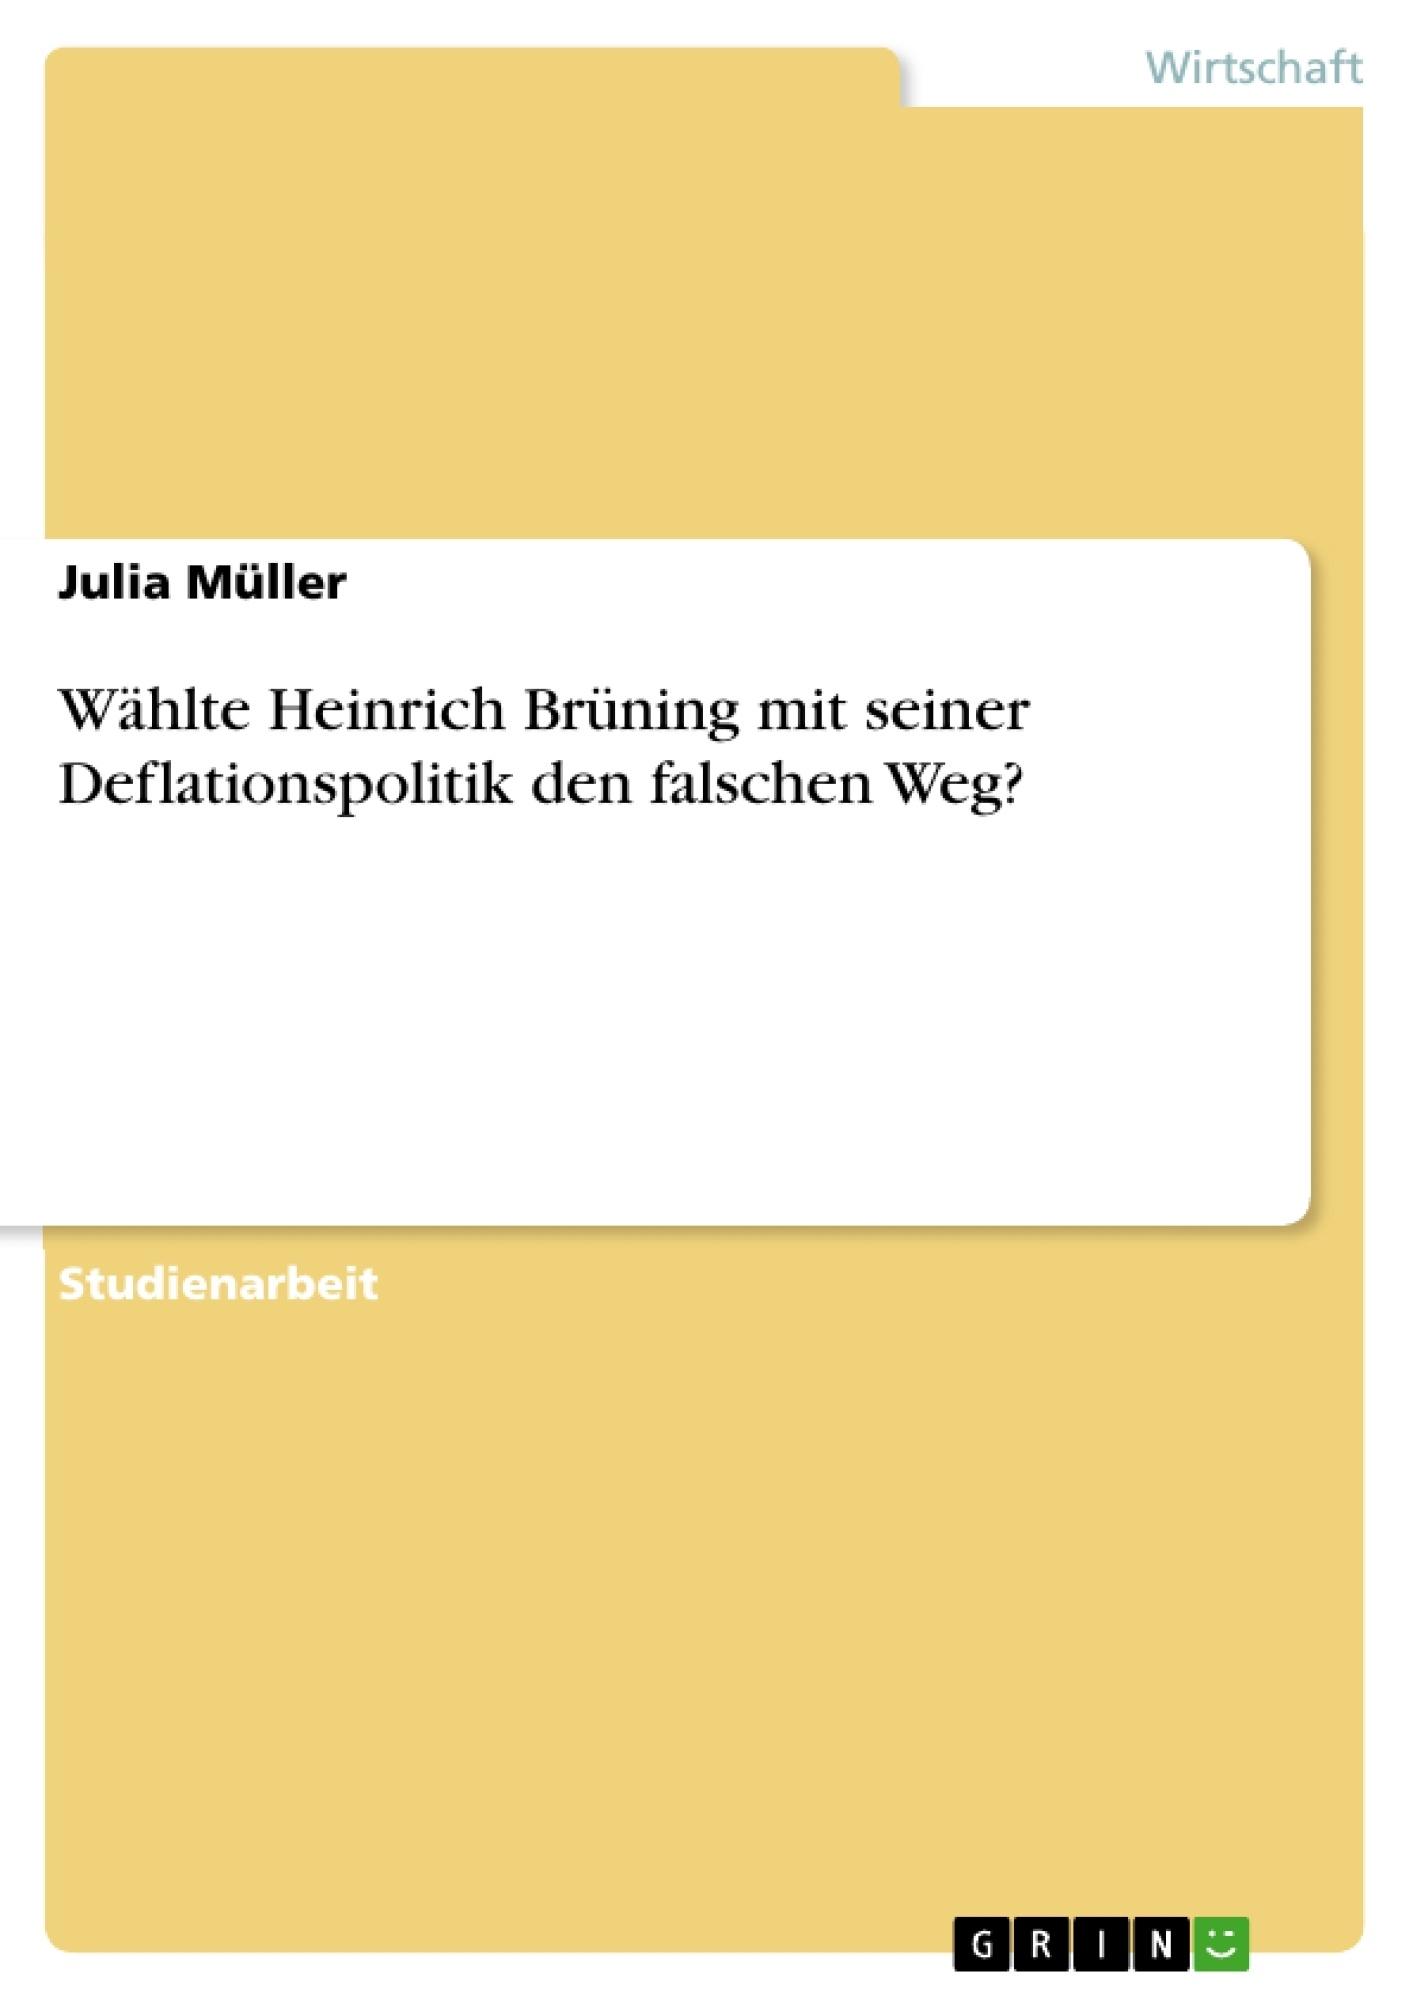 Titel: Wählte Heinrich Brüning mit seiner Deflationspolitik den falschen Weg?